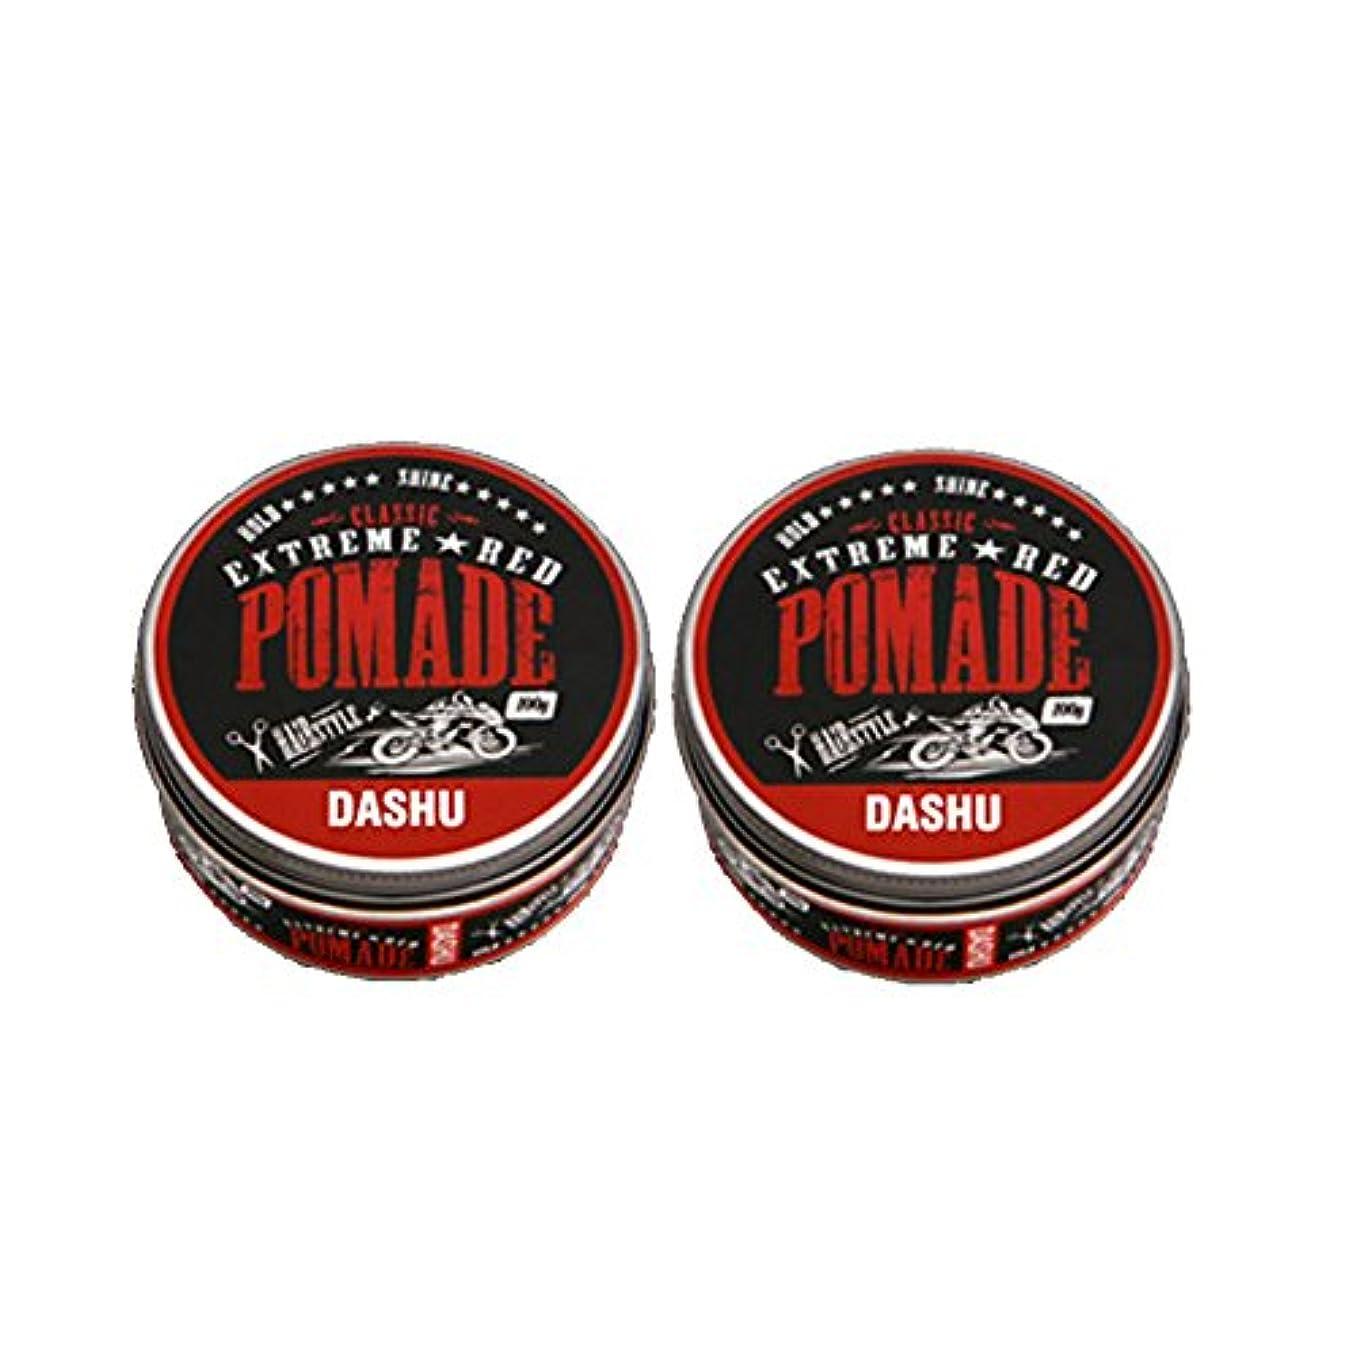 ひまわり今日ミル(2個セット) x [DASHU] ダシュ クラシックエクストリームレッドポマード Classic Extreme Red Pomade Hair Wax 100ml / 韓国製 . 韓国直送品